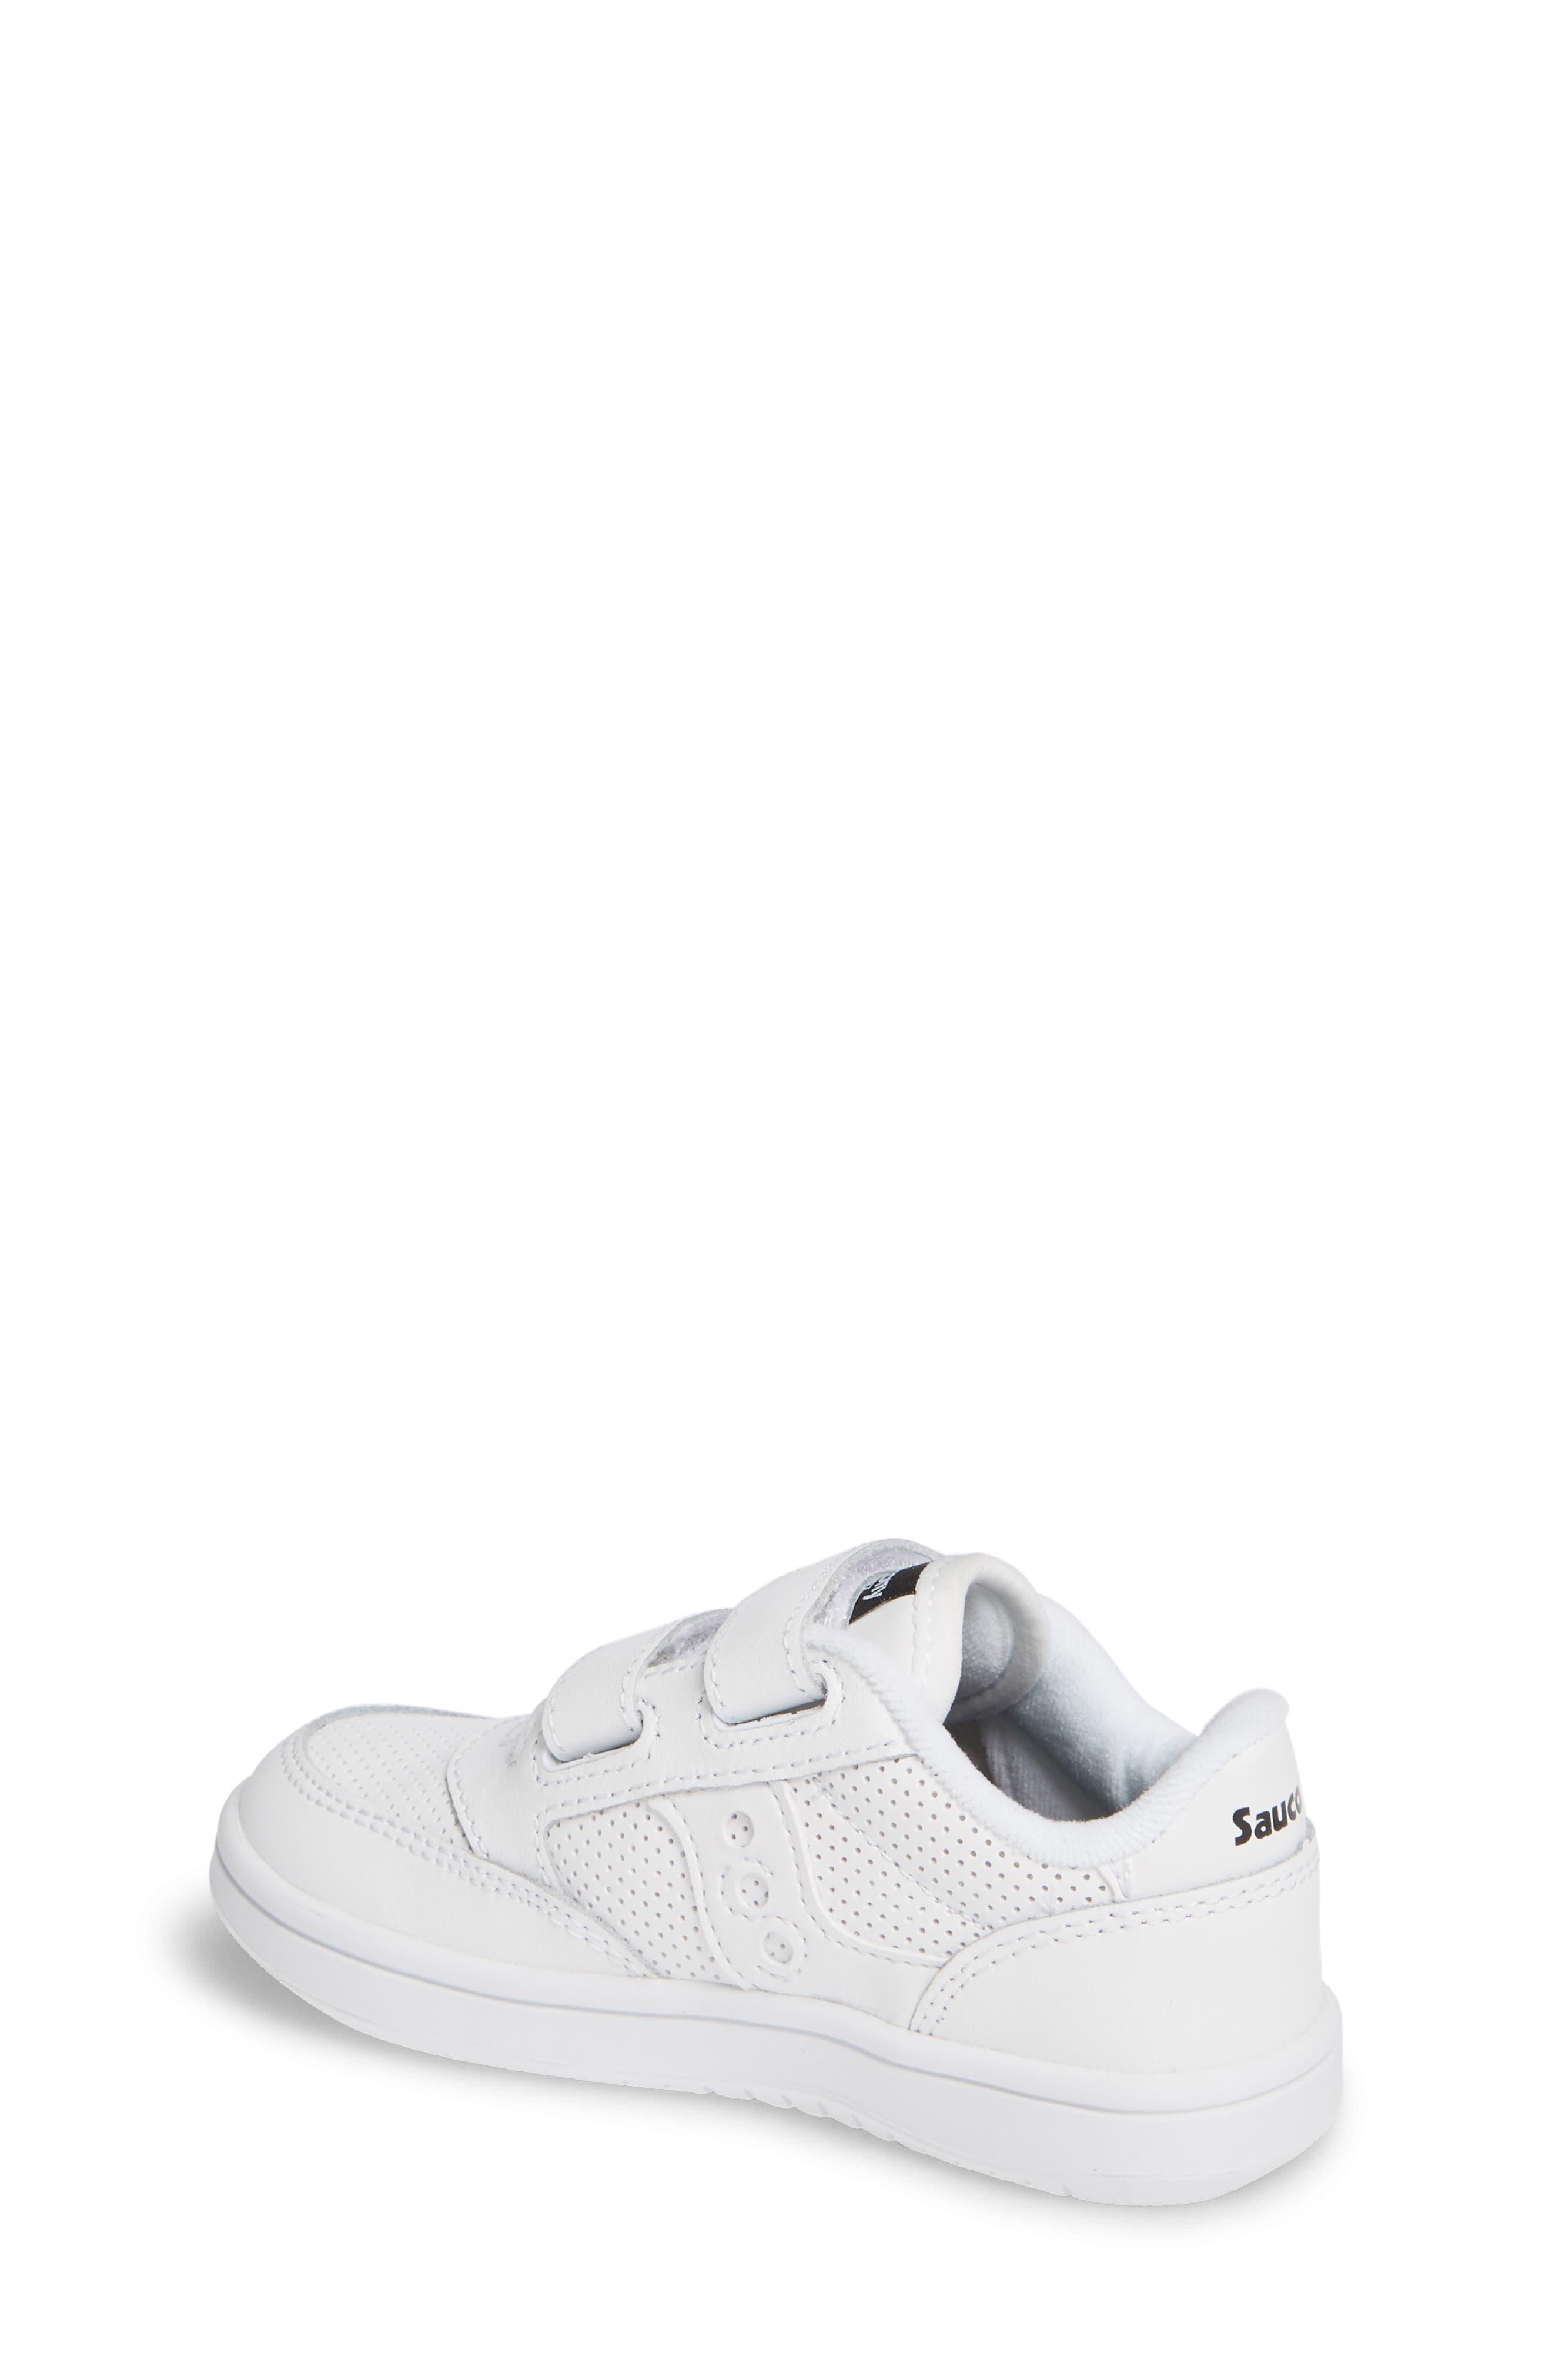 Jazz Court Sneaker,                             Alternate thumbnail 2, color,                             WHITE